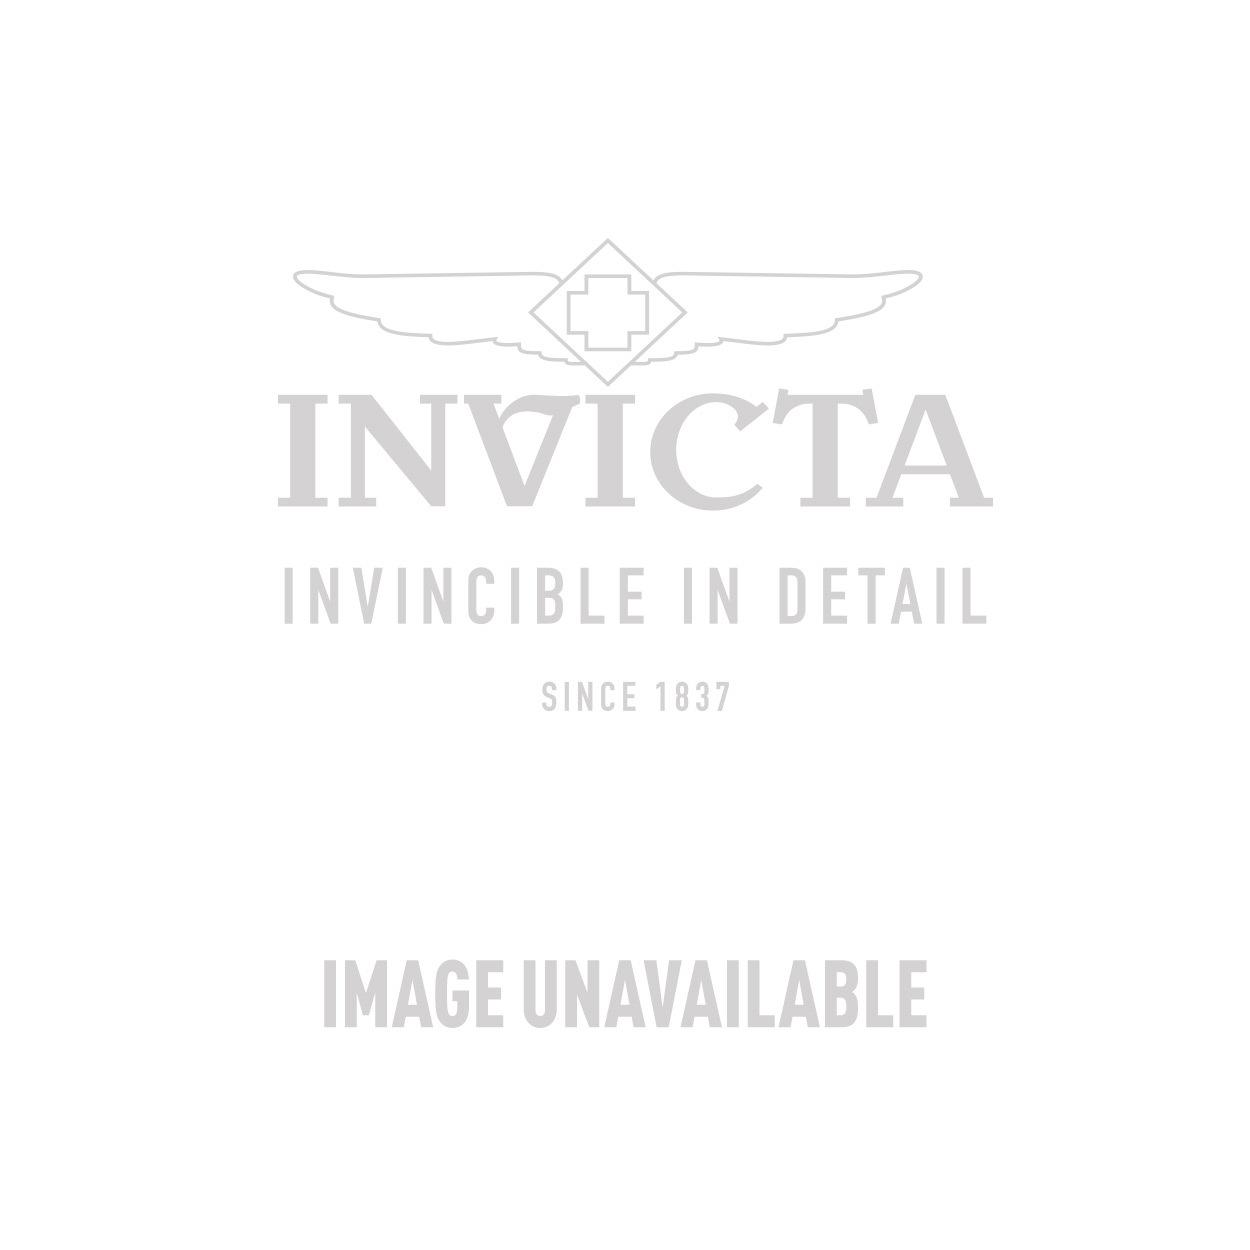 Invicta Model 23975